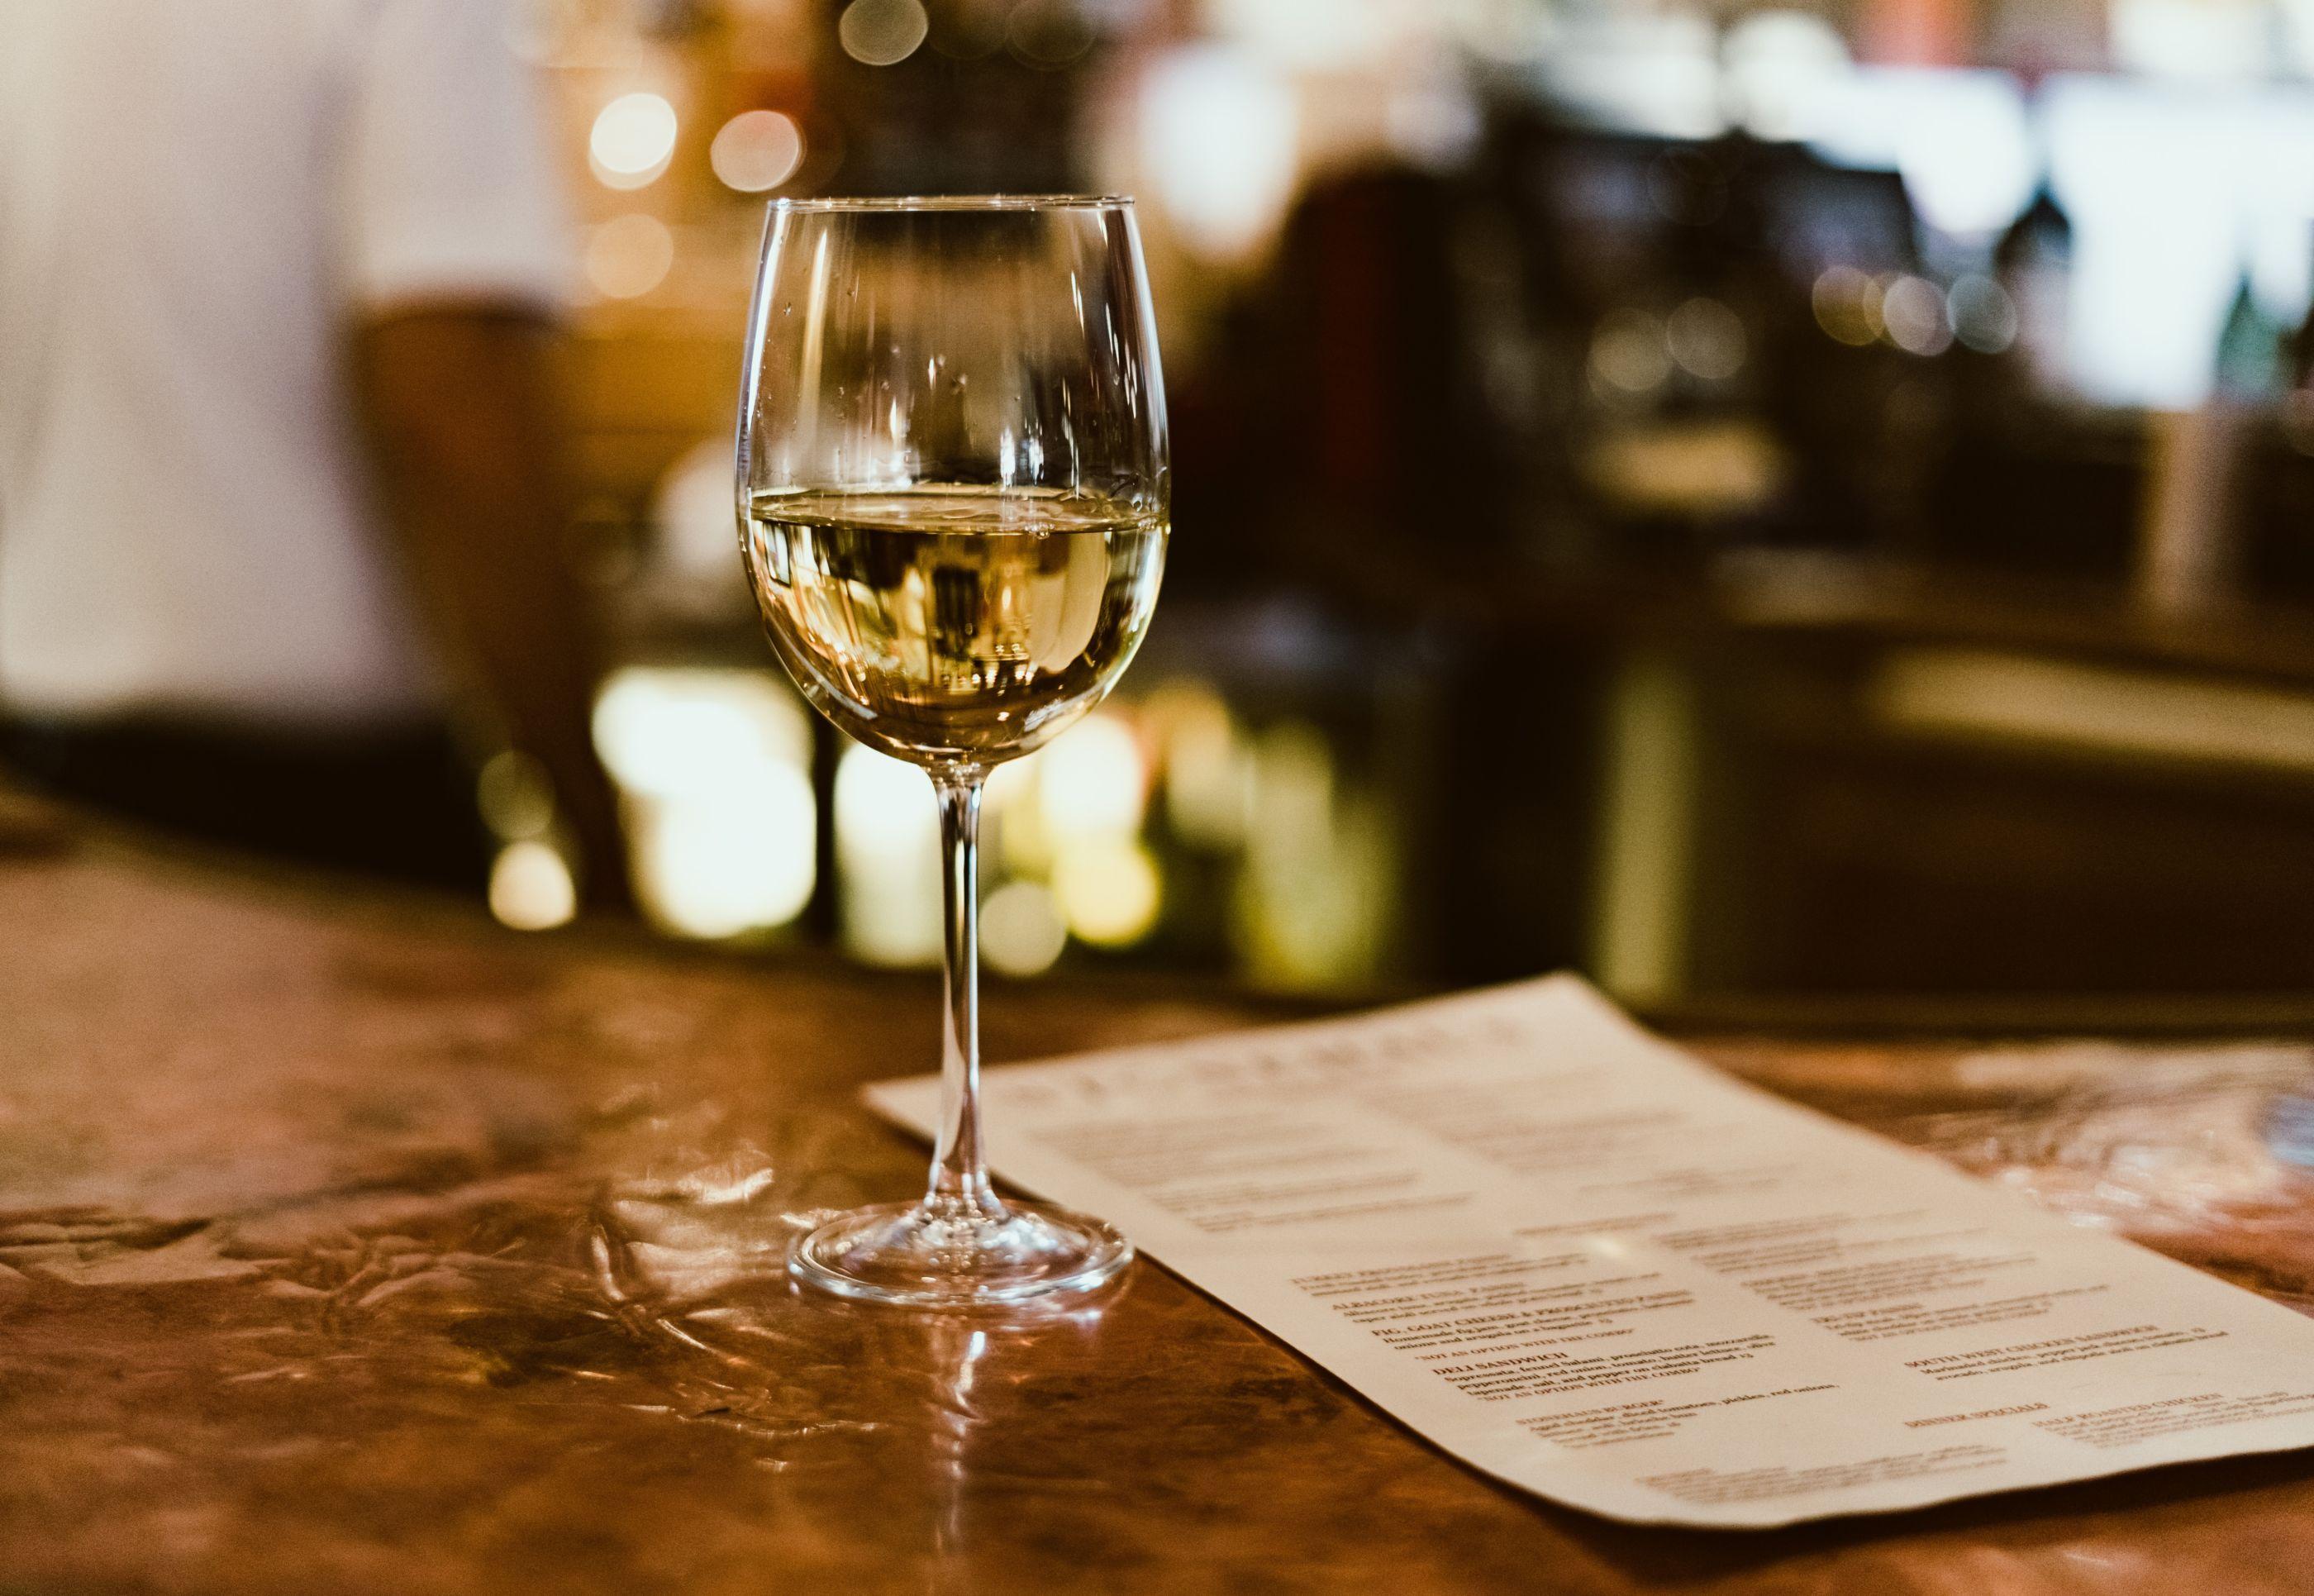 JW Marriott y Casa Pedro Domecq se unen para crear una experiencia vinícola única